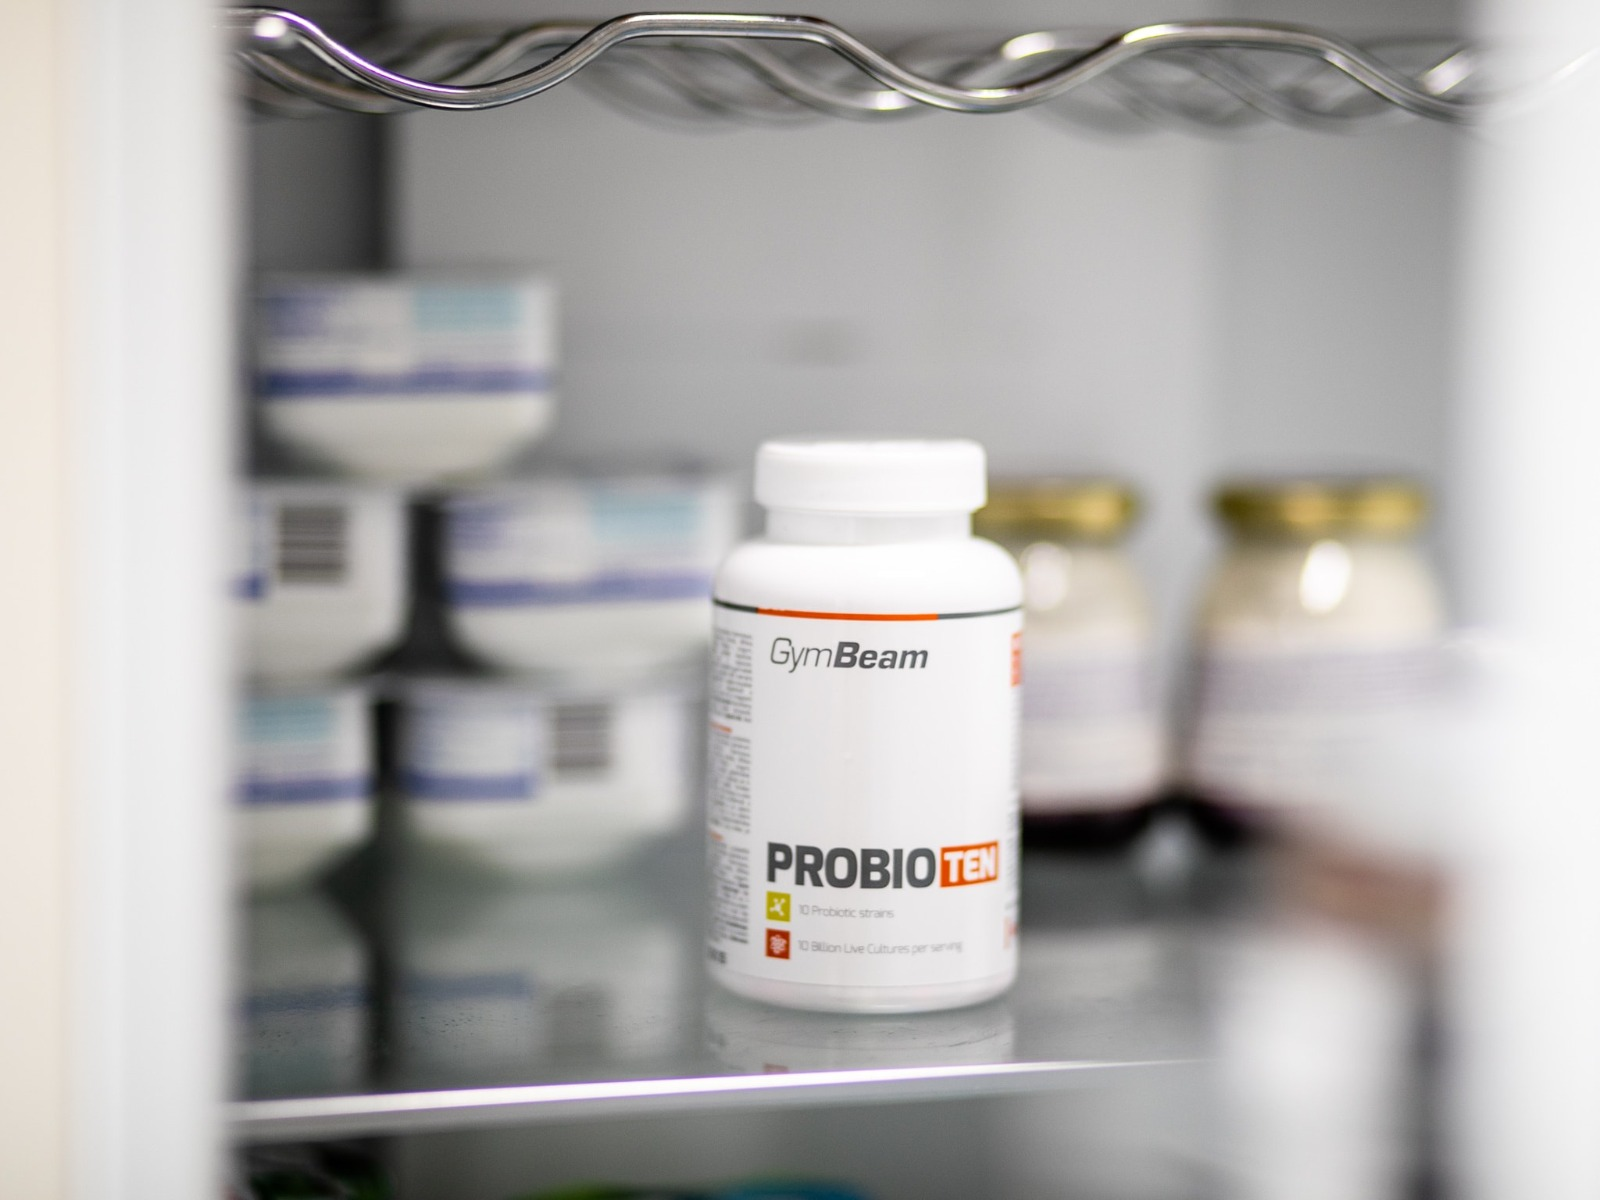 ProbioTen probiotika - GymBeam